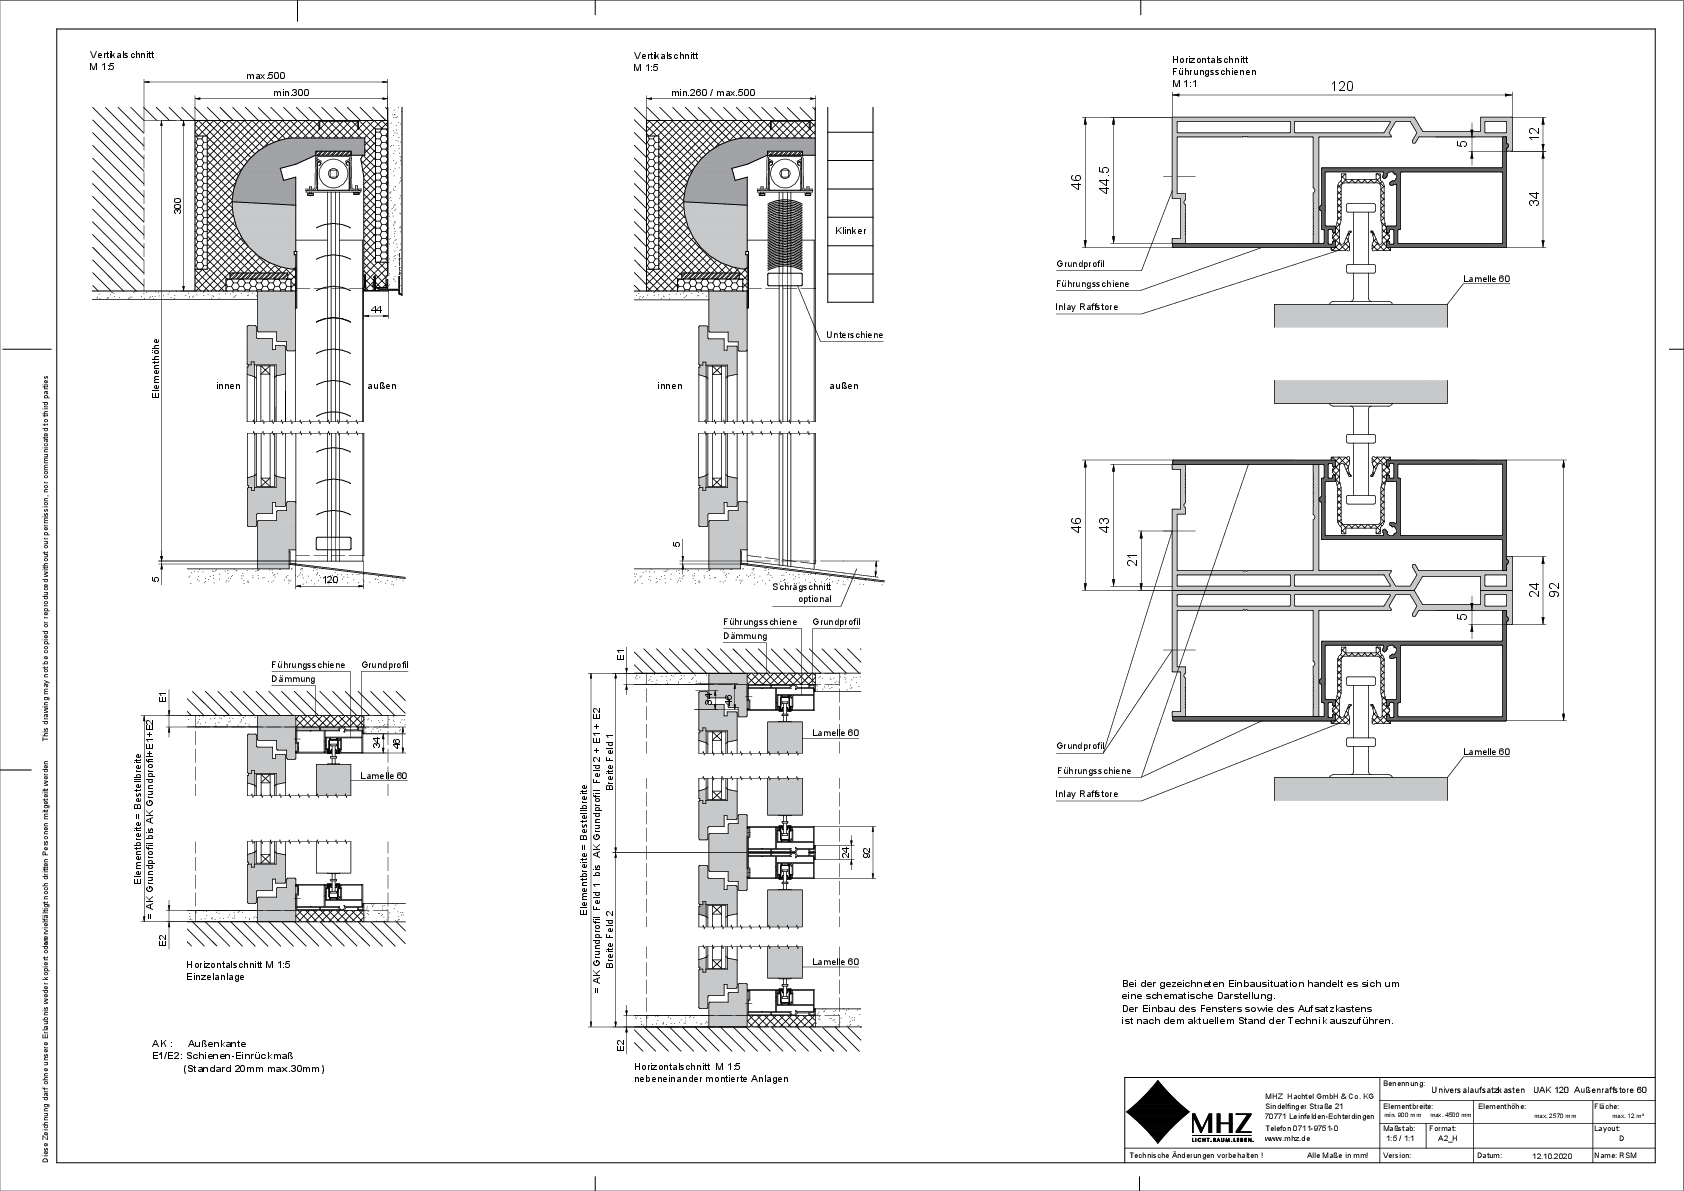 Technische Zeichnung Aufsatzkasten UAK_120 Außenraffstore 60 (dwg)